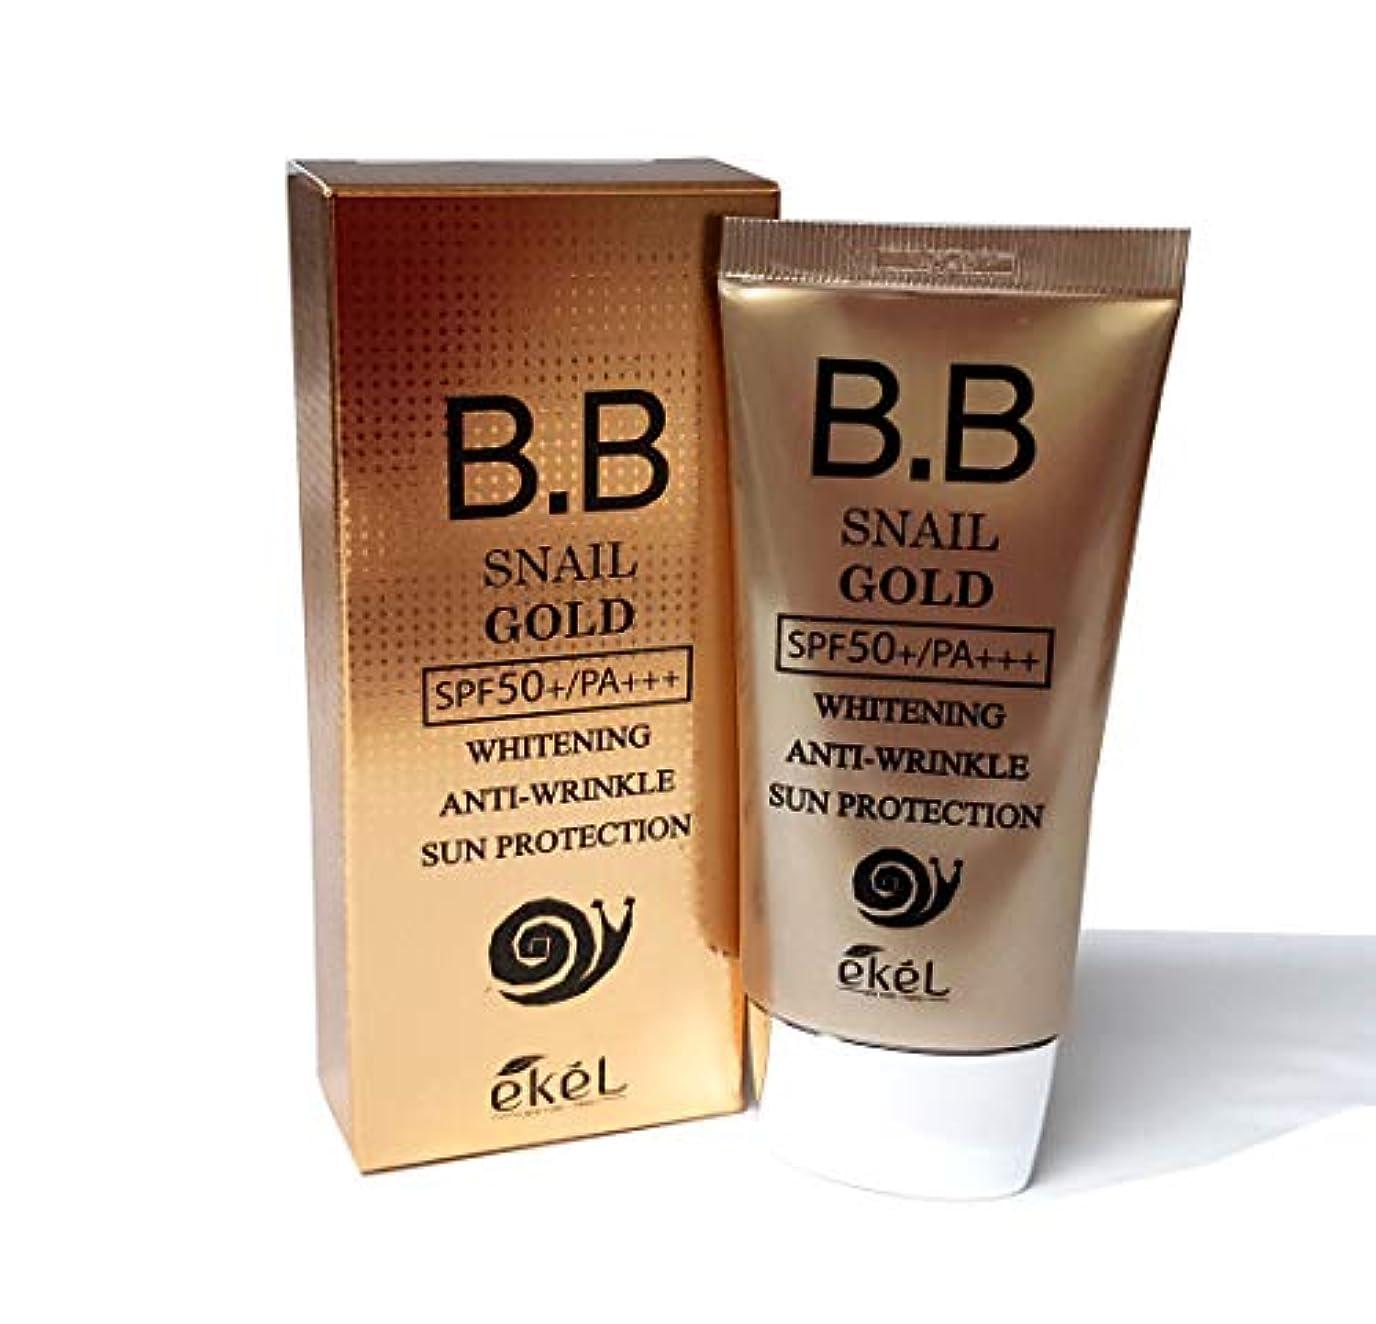 ジェームズダイソンうまくやる()クレデンシャル[Ekel] カタツムリゴールドBB 50ml SPF50 + PA +++ / Snail Gold BB 50ml SPF50+PA+++ /ホワイトニング、UVカット/Whitening,UV protection...